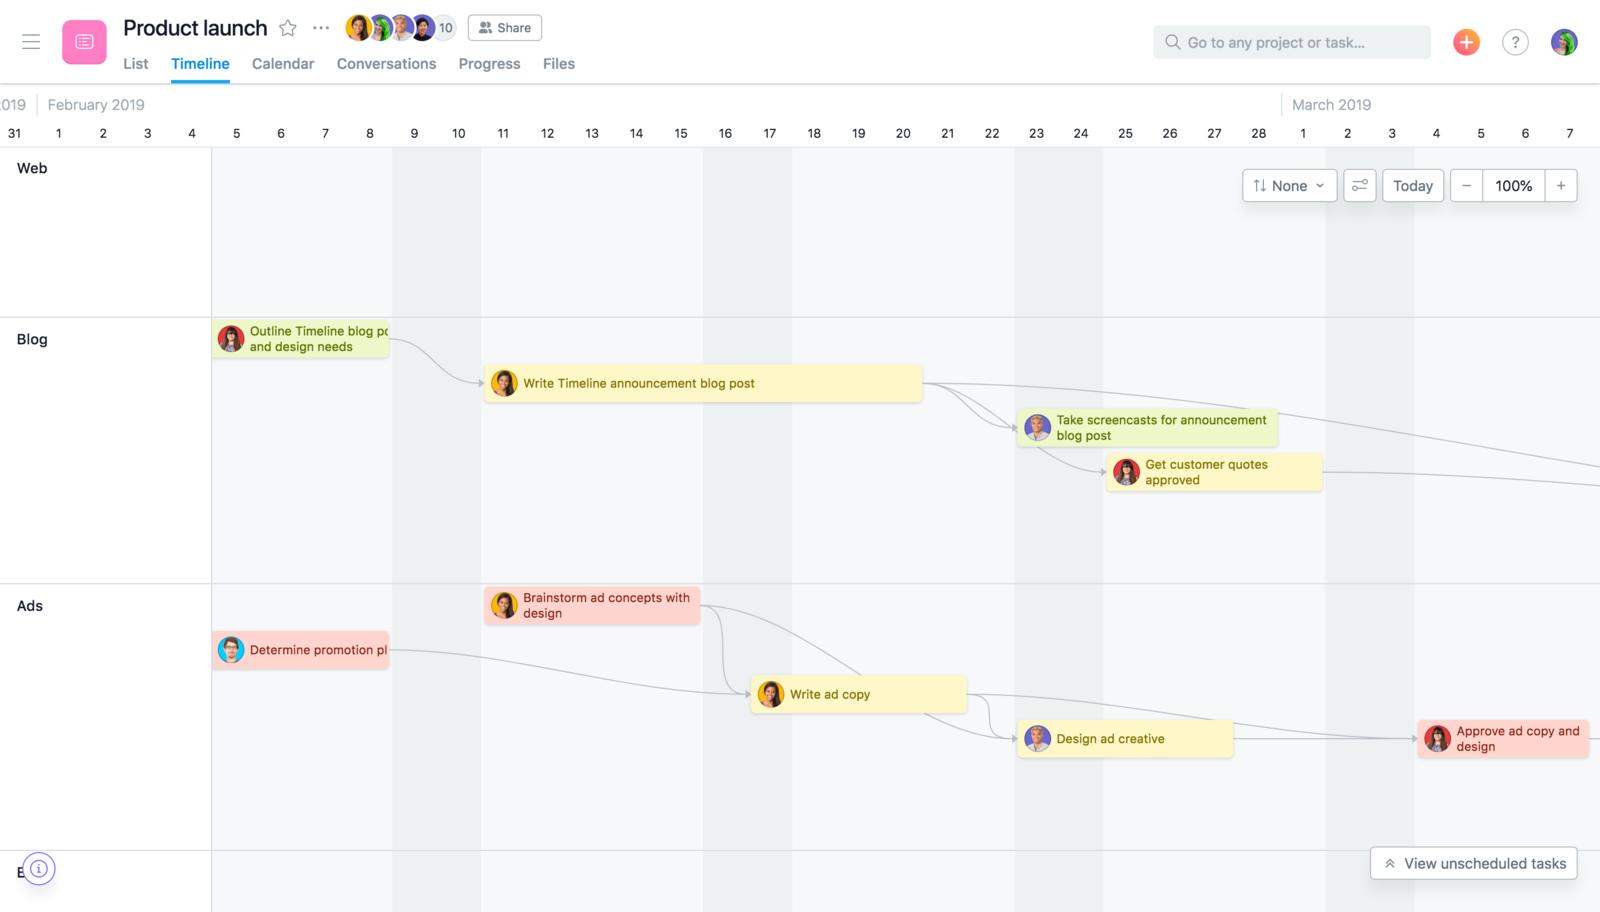 Asana のタイムラインはガントチャート式ビューと同じですが、全ての仕事がつながっているため、それより使いやすいものになっています。期日のあるプロジェクトの計画および管理に利用します